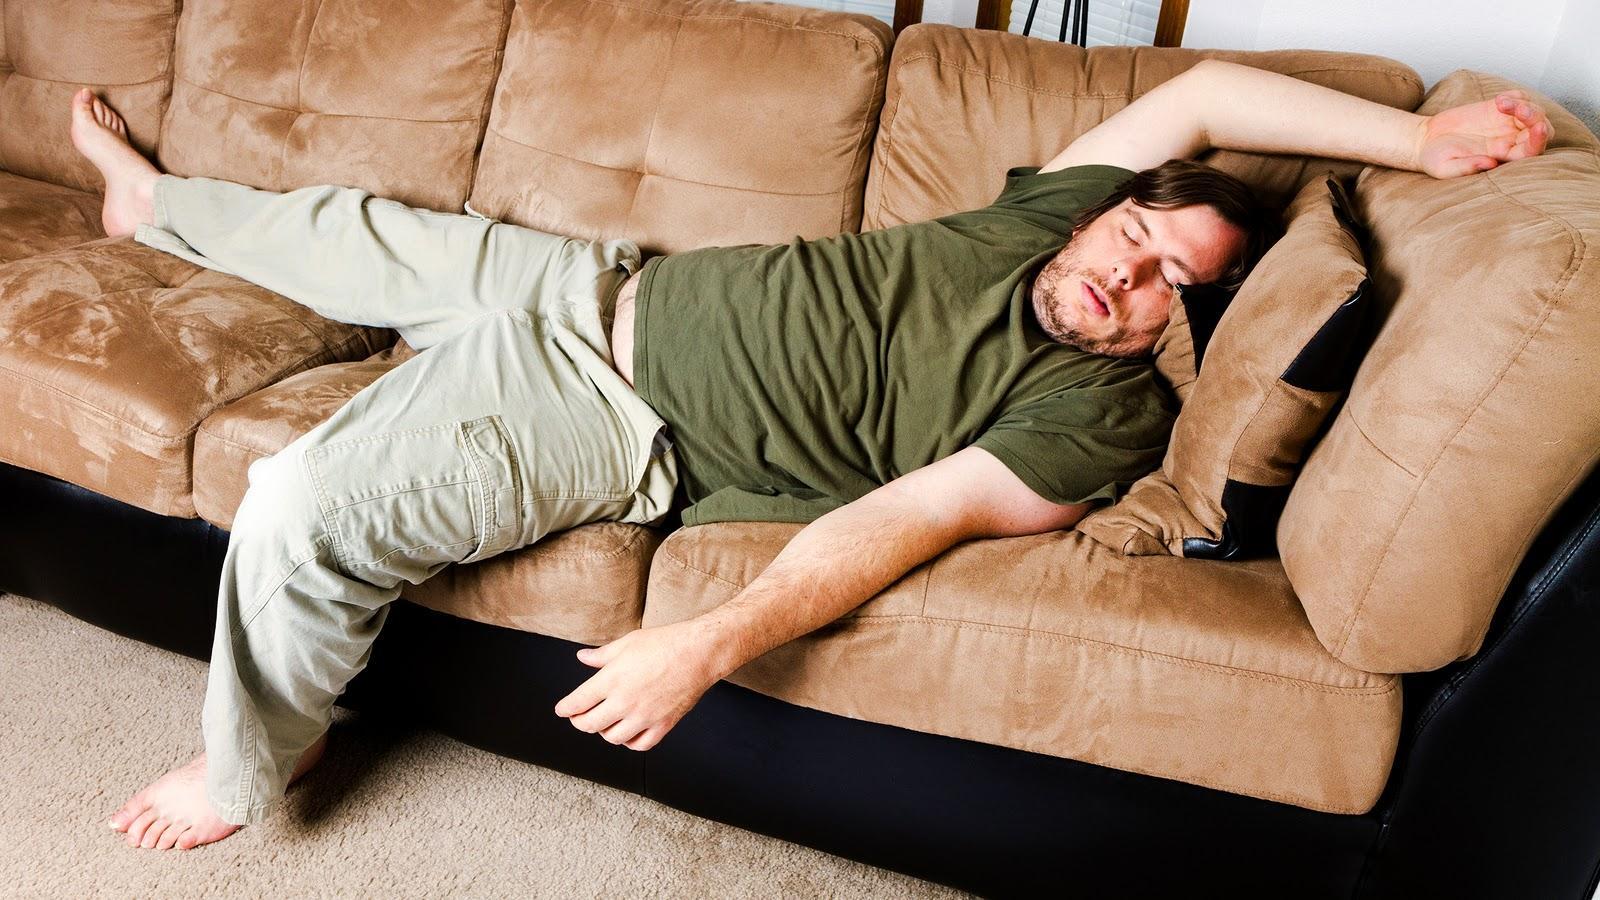 Мужик фотографирует пьяную жену на диване  675676